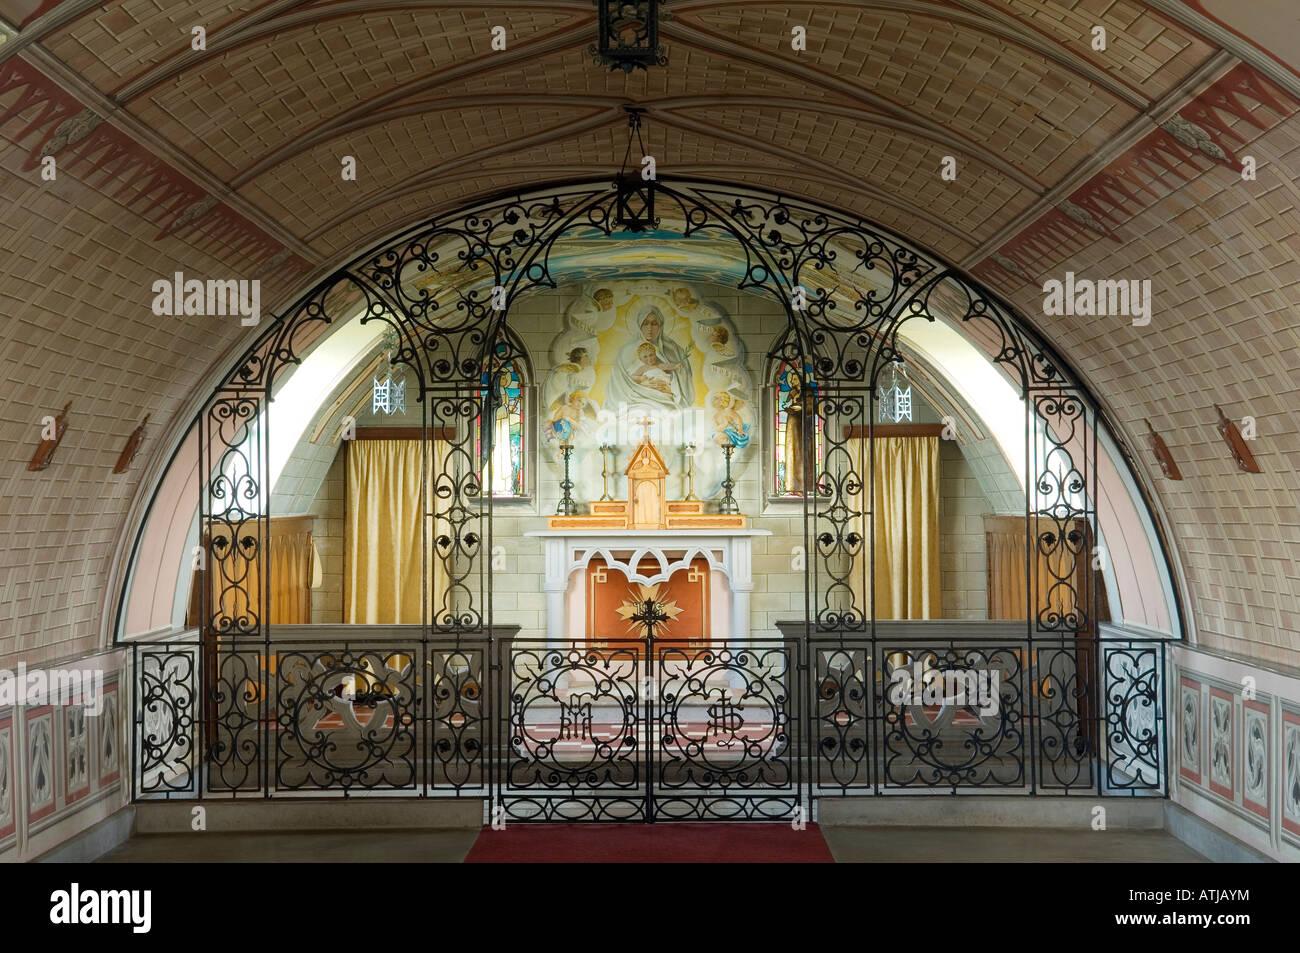 Church Altar Rail Stock Photos & Church Altar Rail Stock Images - Alamy